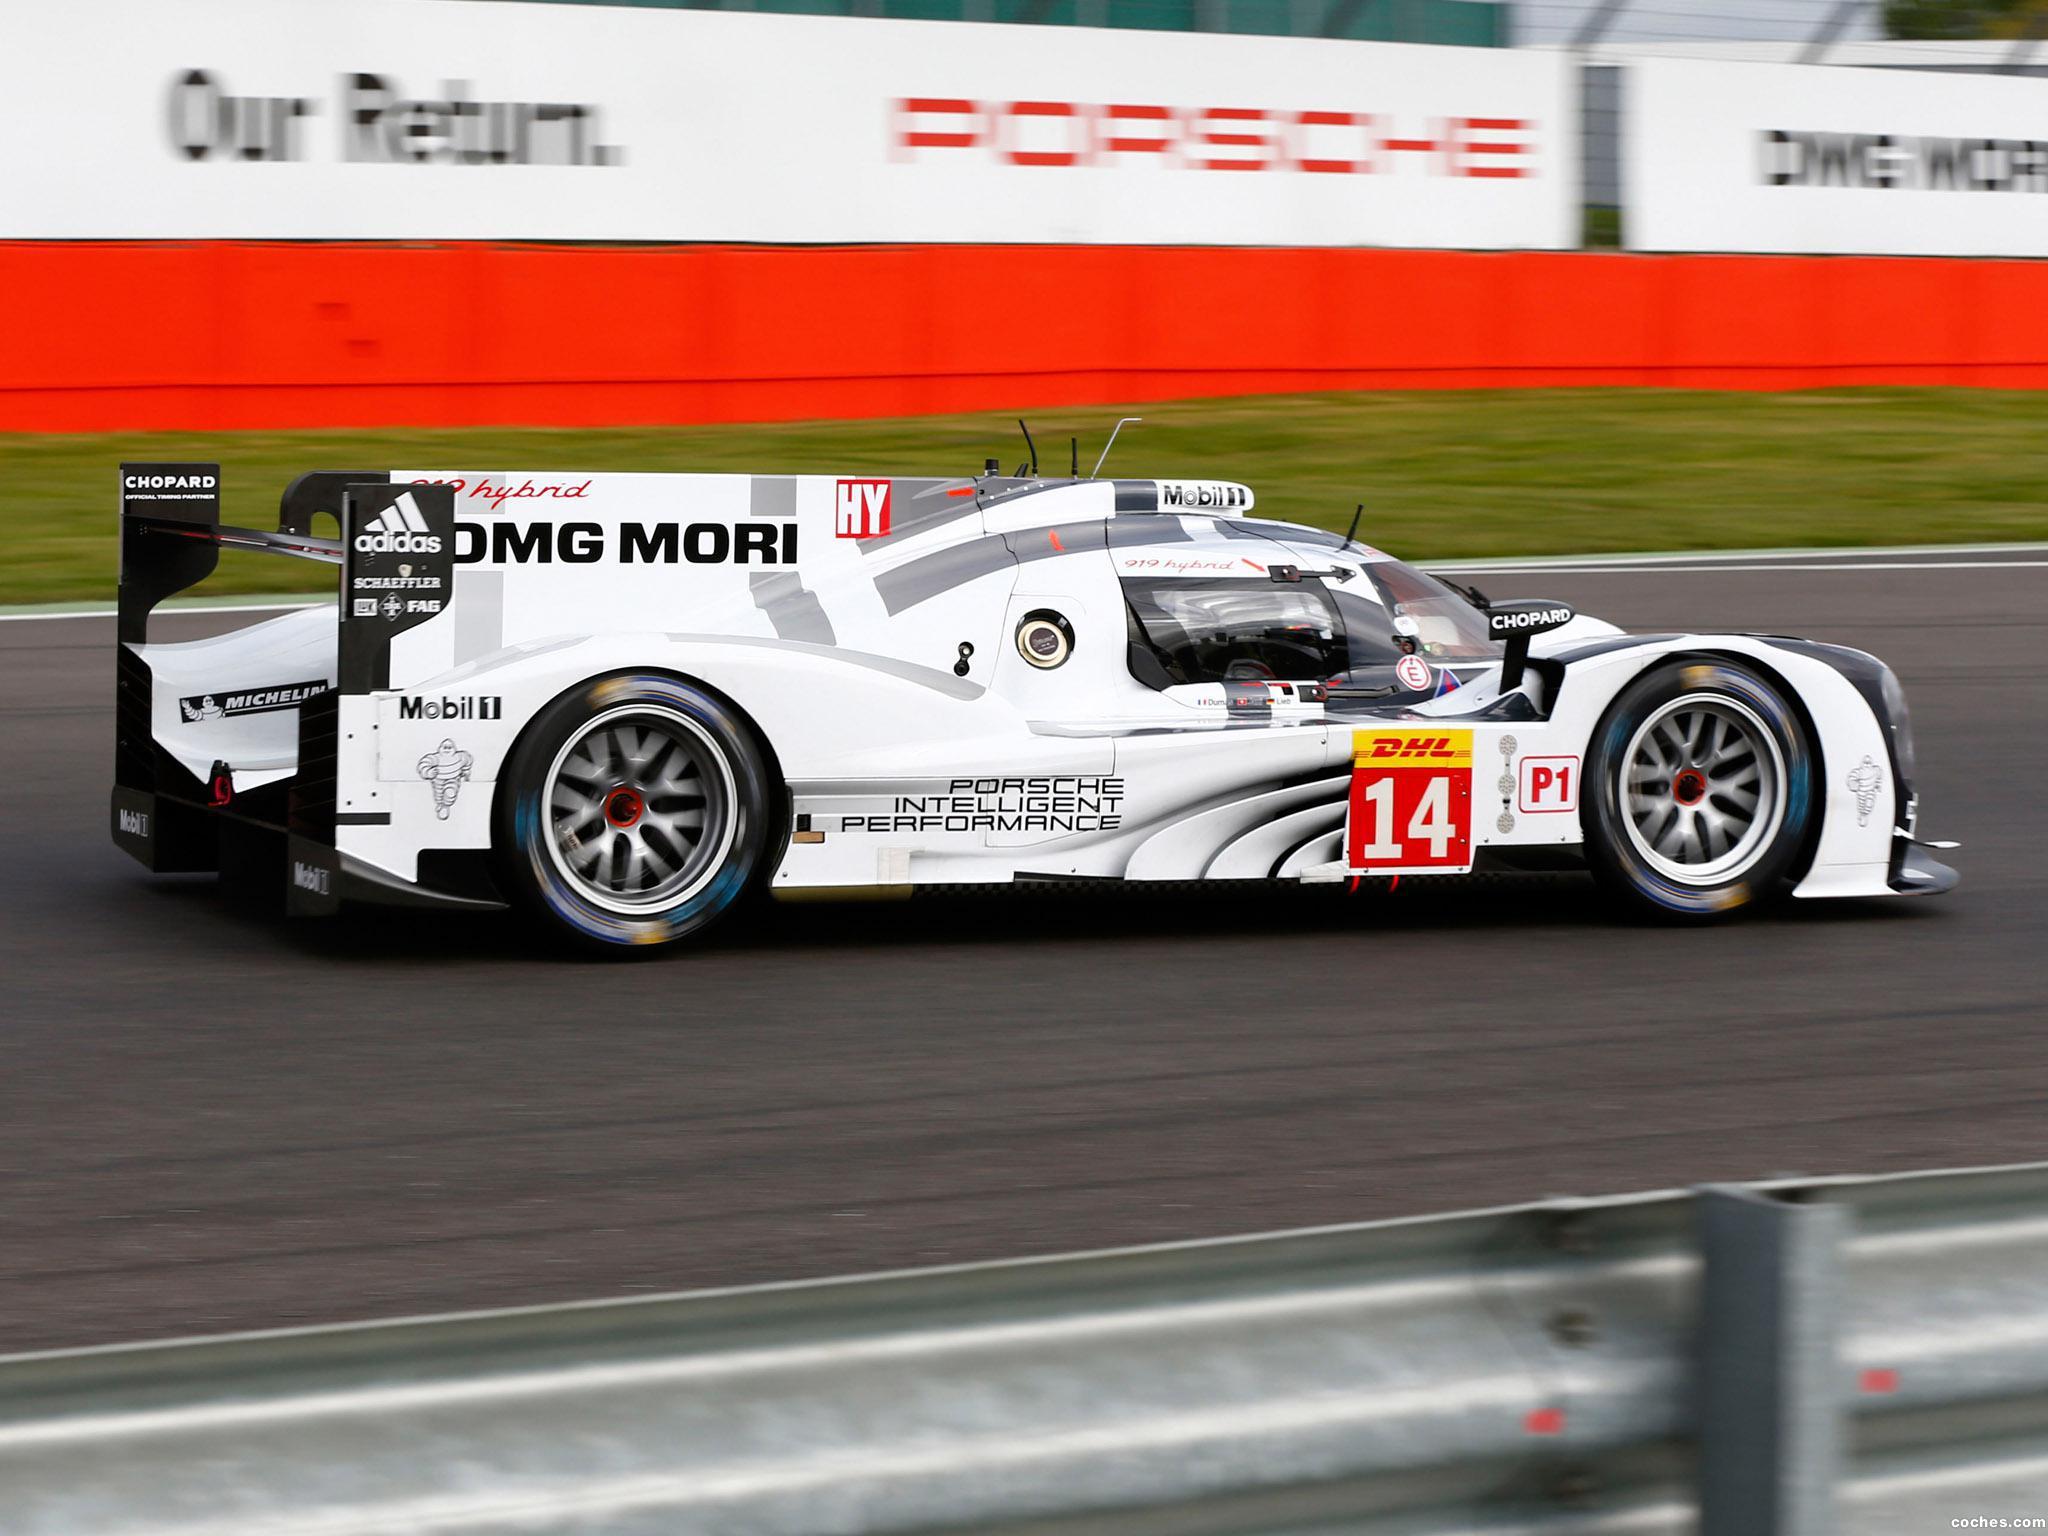 Foto 17 de Porsche 919 Hybrid 2014